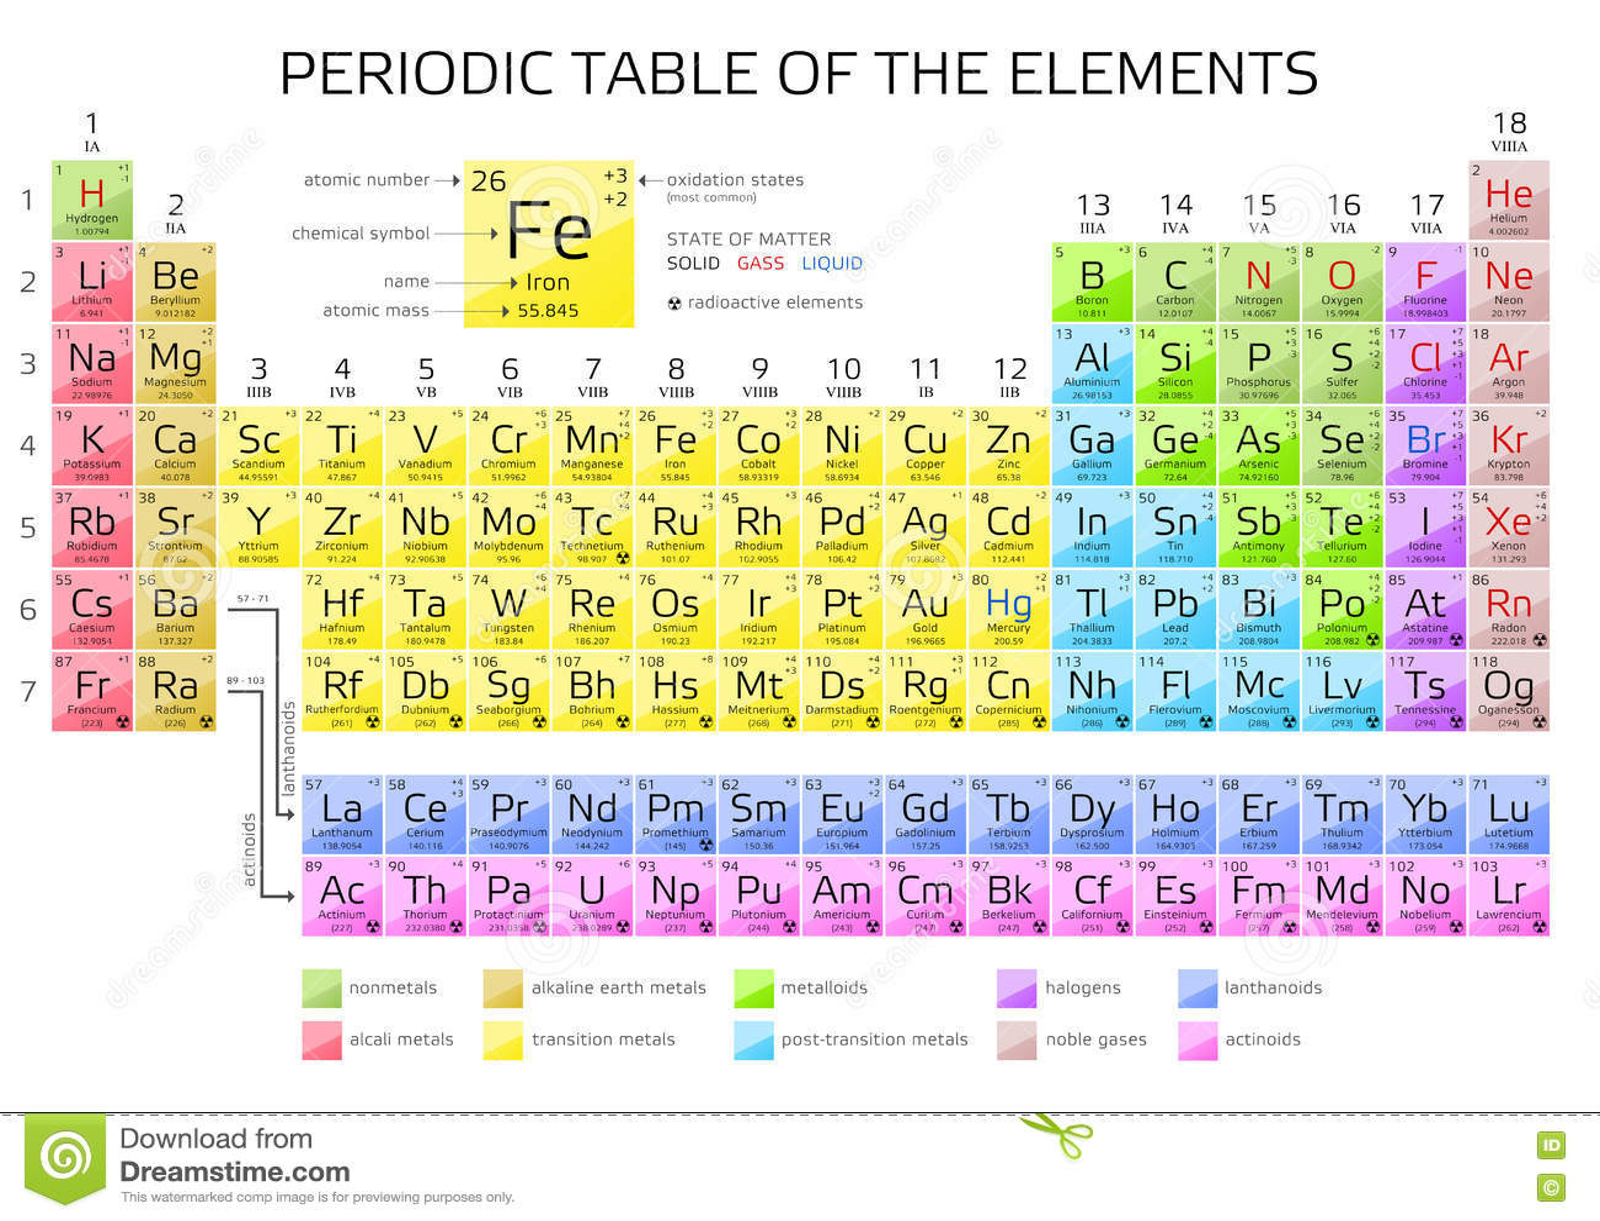 Tavola periodica degli elementi del s di mendeleev con i nuovi elementi 2016 illustrazione - Tavola periodica degli elementi spiegazione ...